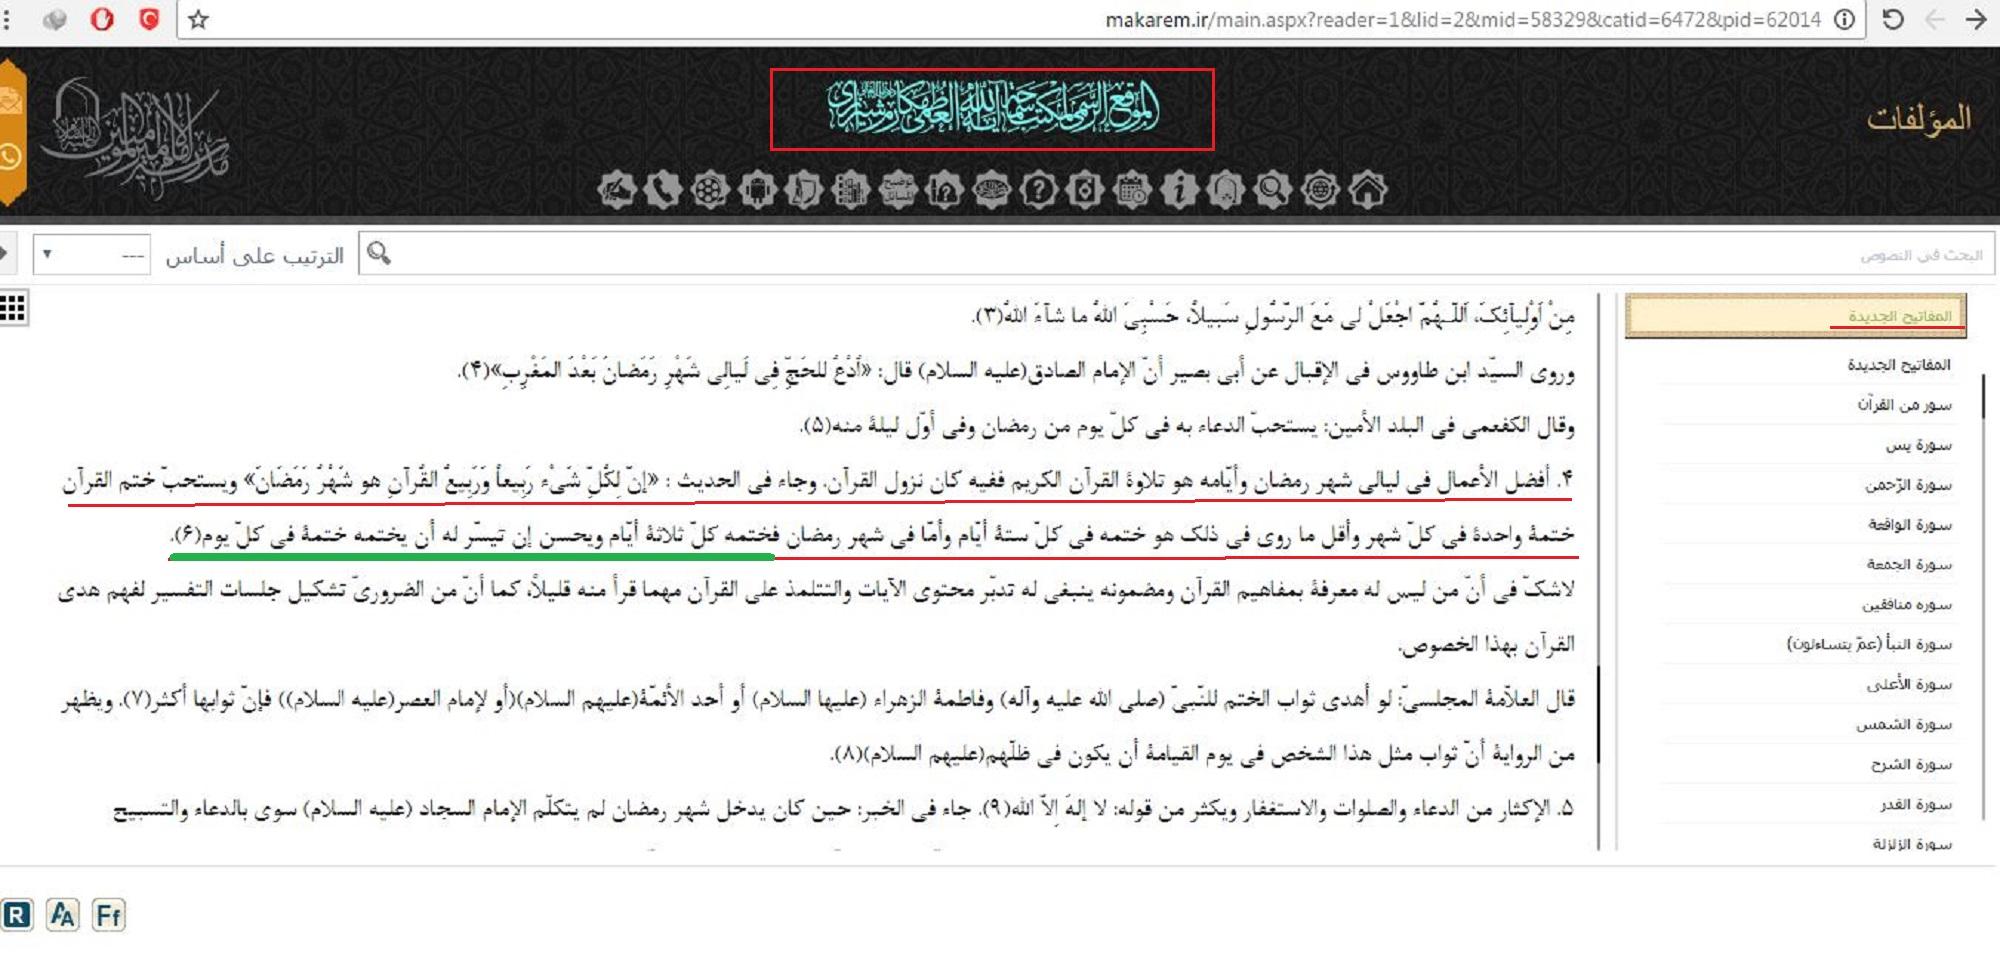 الاســـم:المفاتيح الجديدة لناصر مكارم شيرازي ص473.JPG المشاهدات: 1597 الحجـــم:396.2 كيلوبايت